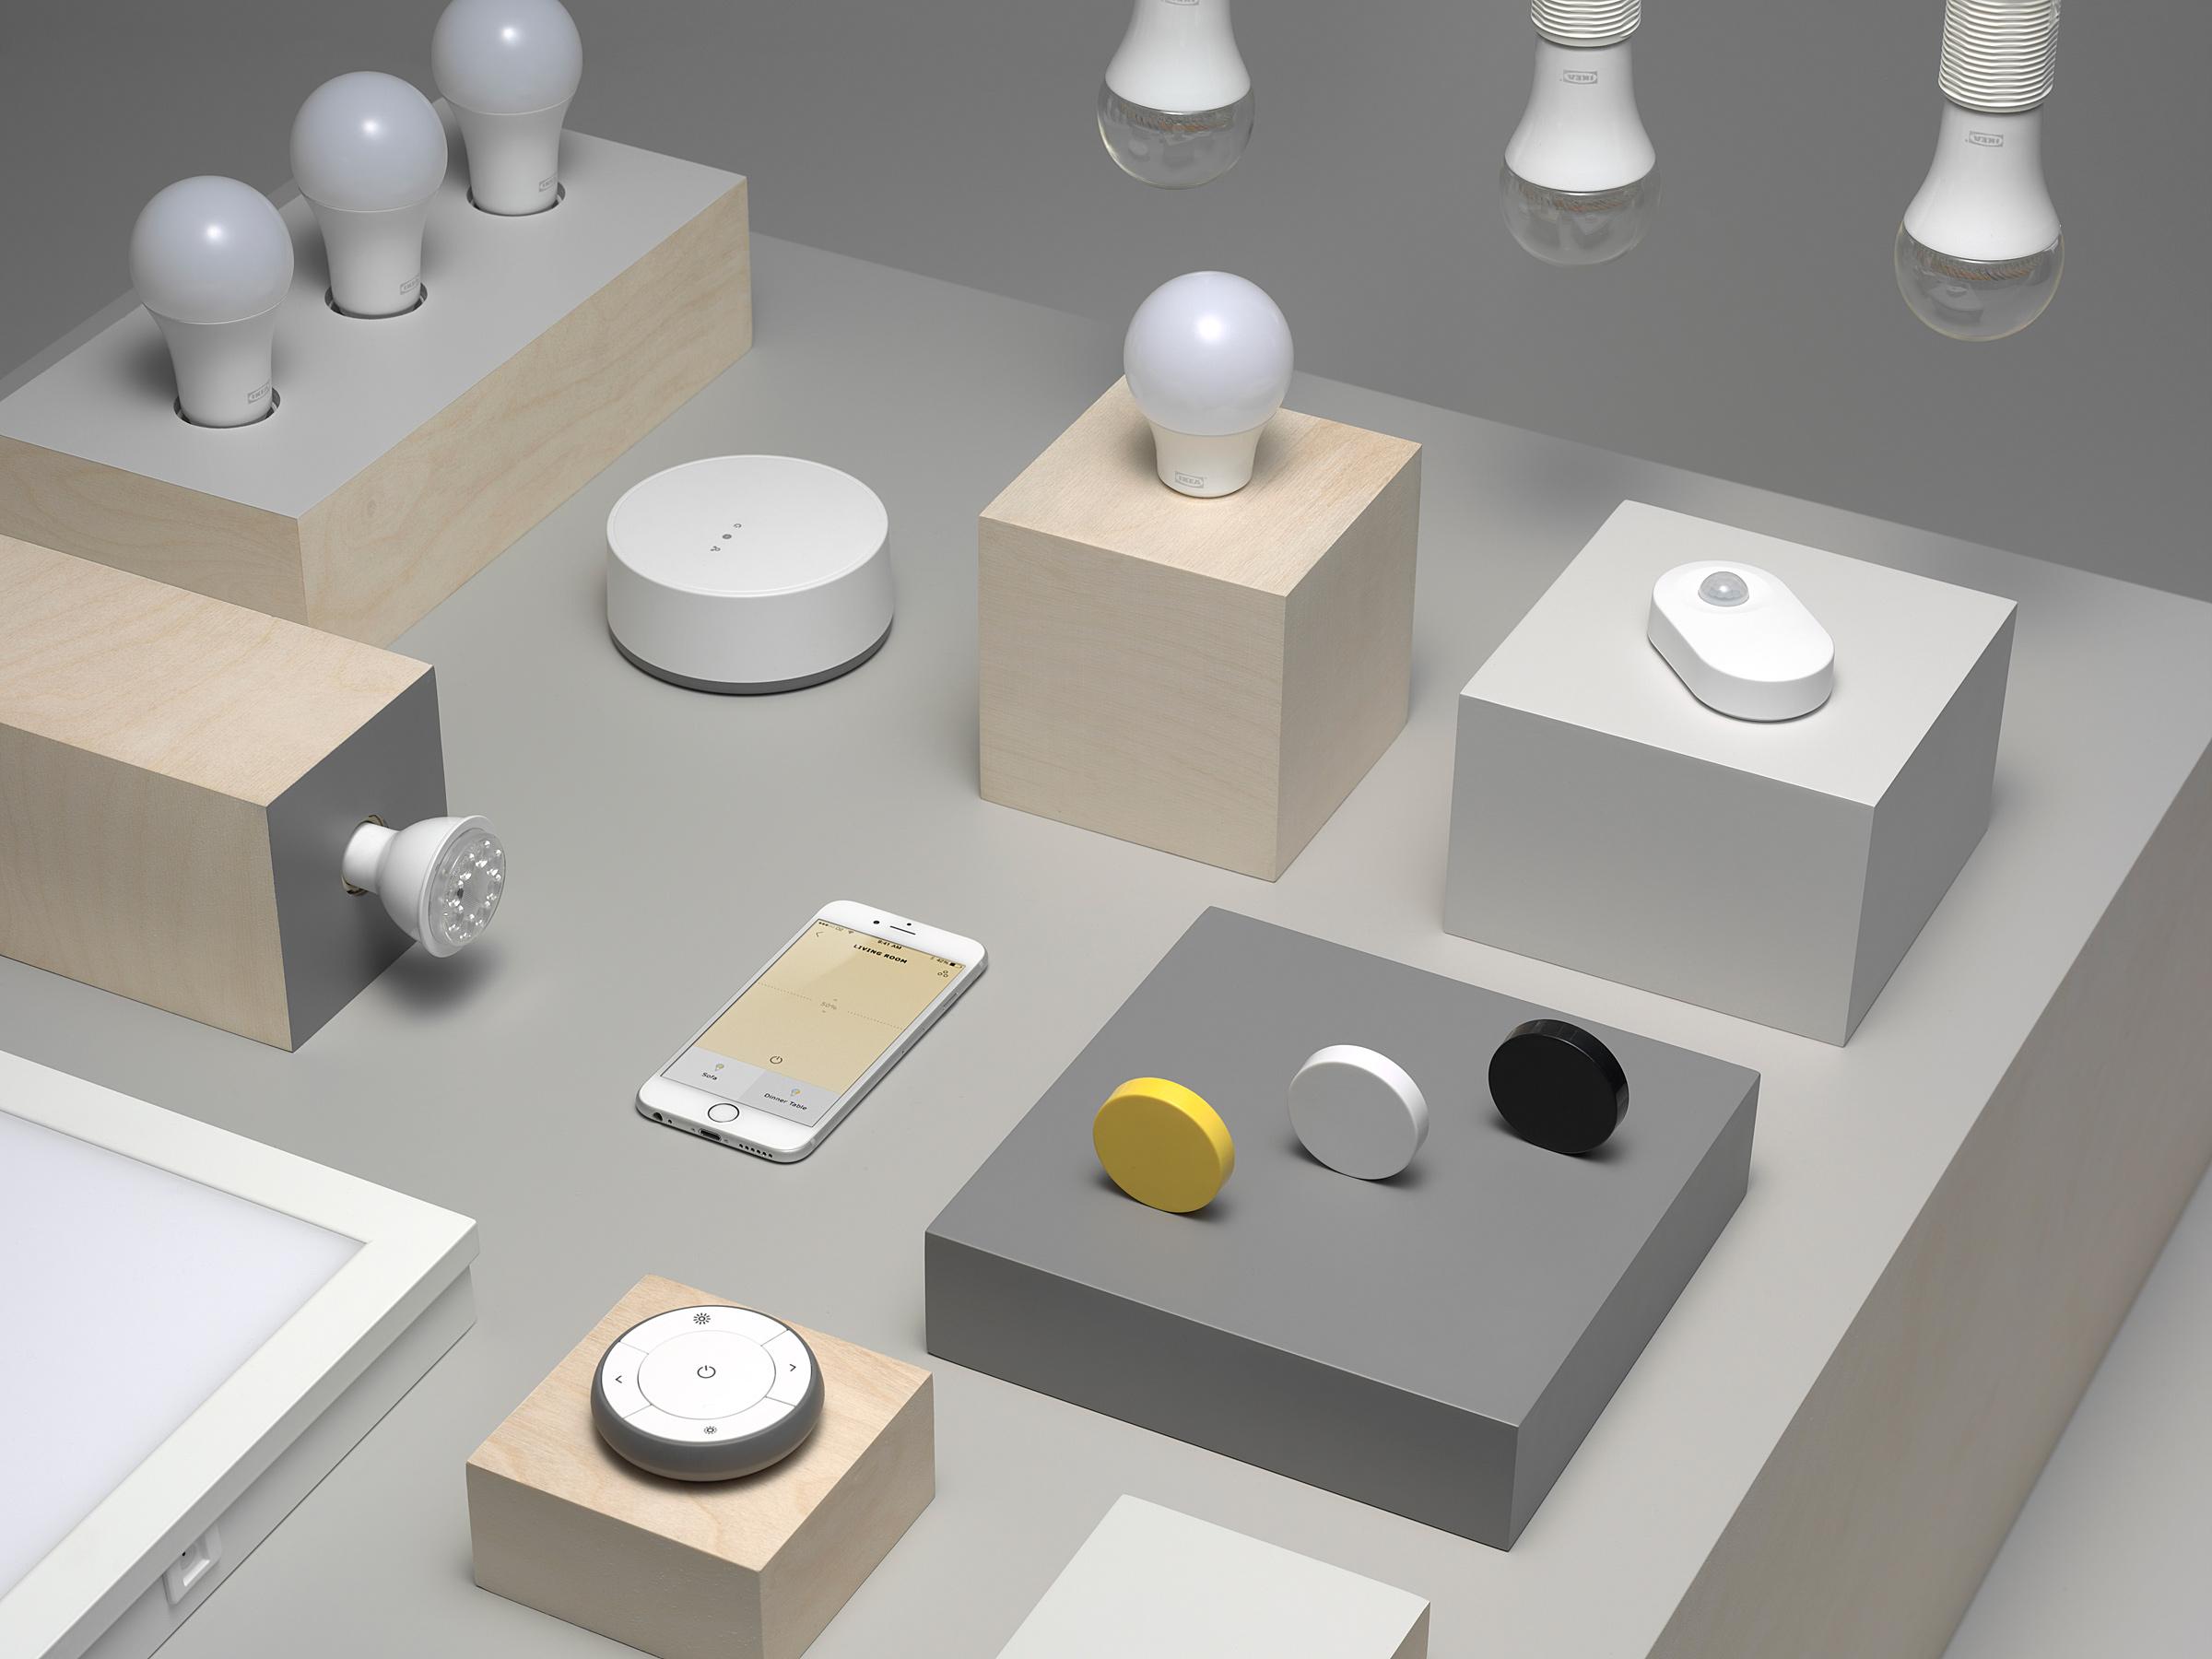 ikea tr dfri les ampoules connect es s 39 ouvrent google home homekit et alexa frandroid. Black Bedroom Furniture Sets. Home Design Ideas